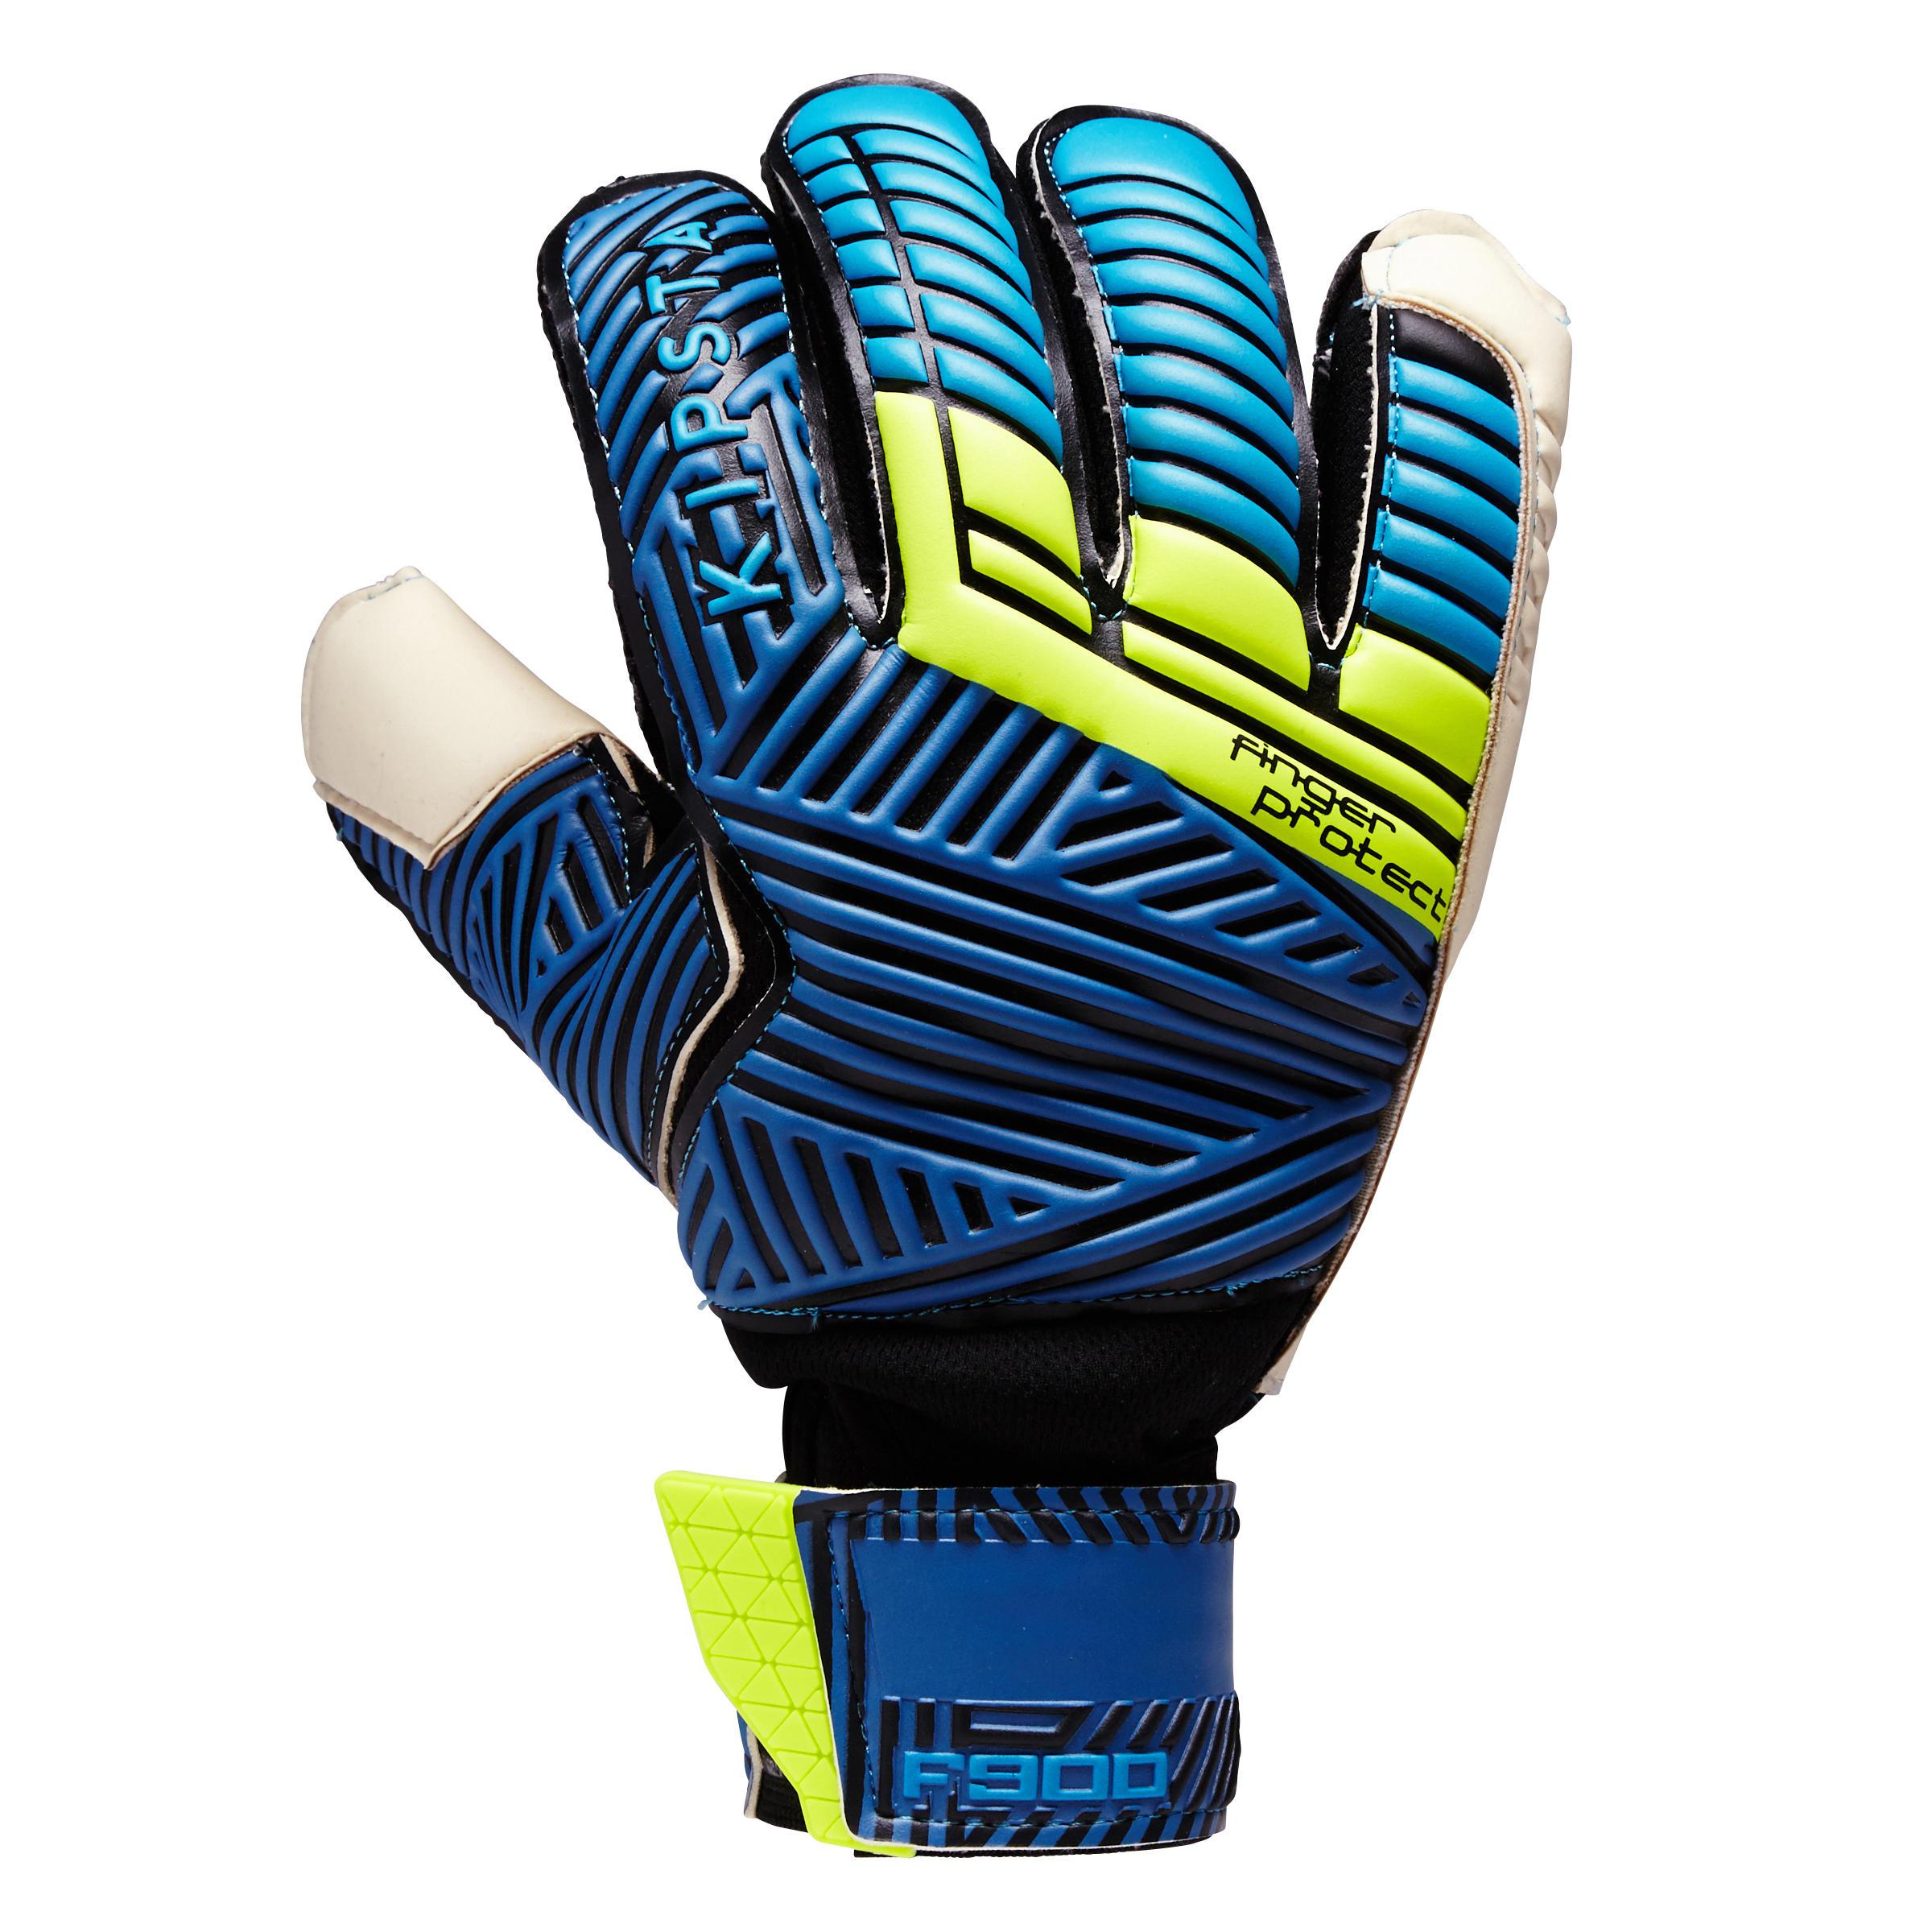 Keepershandschoenen F900 Finger Protect volwassenen, voetbal, blauw-geel